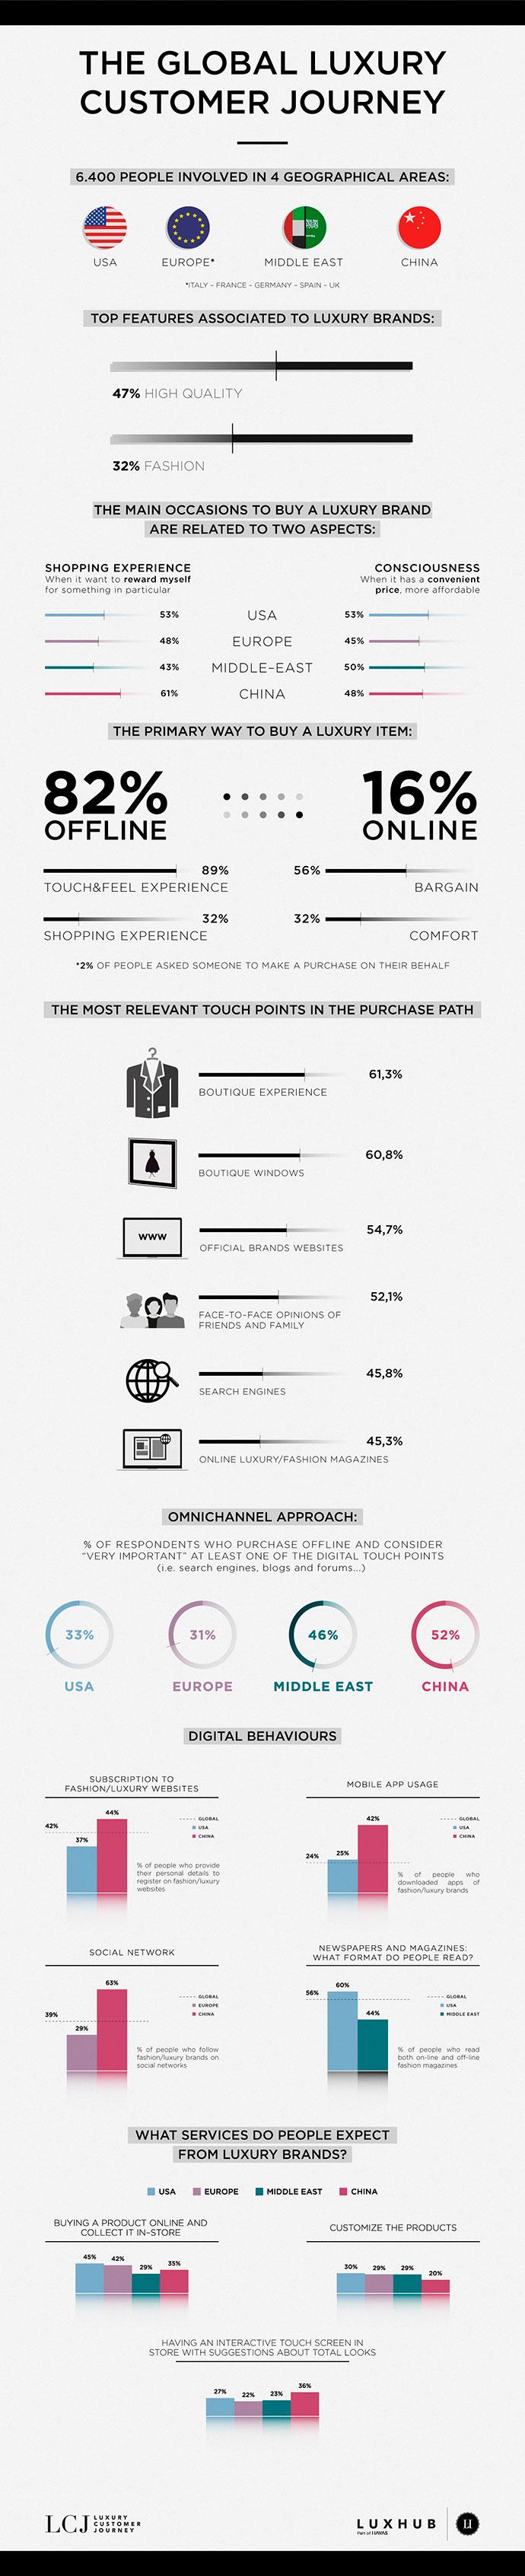 infografía sobre los consumidores de marcas de lujo